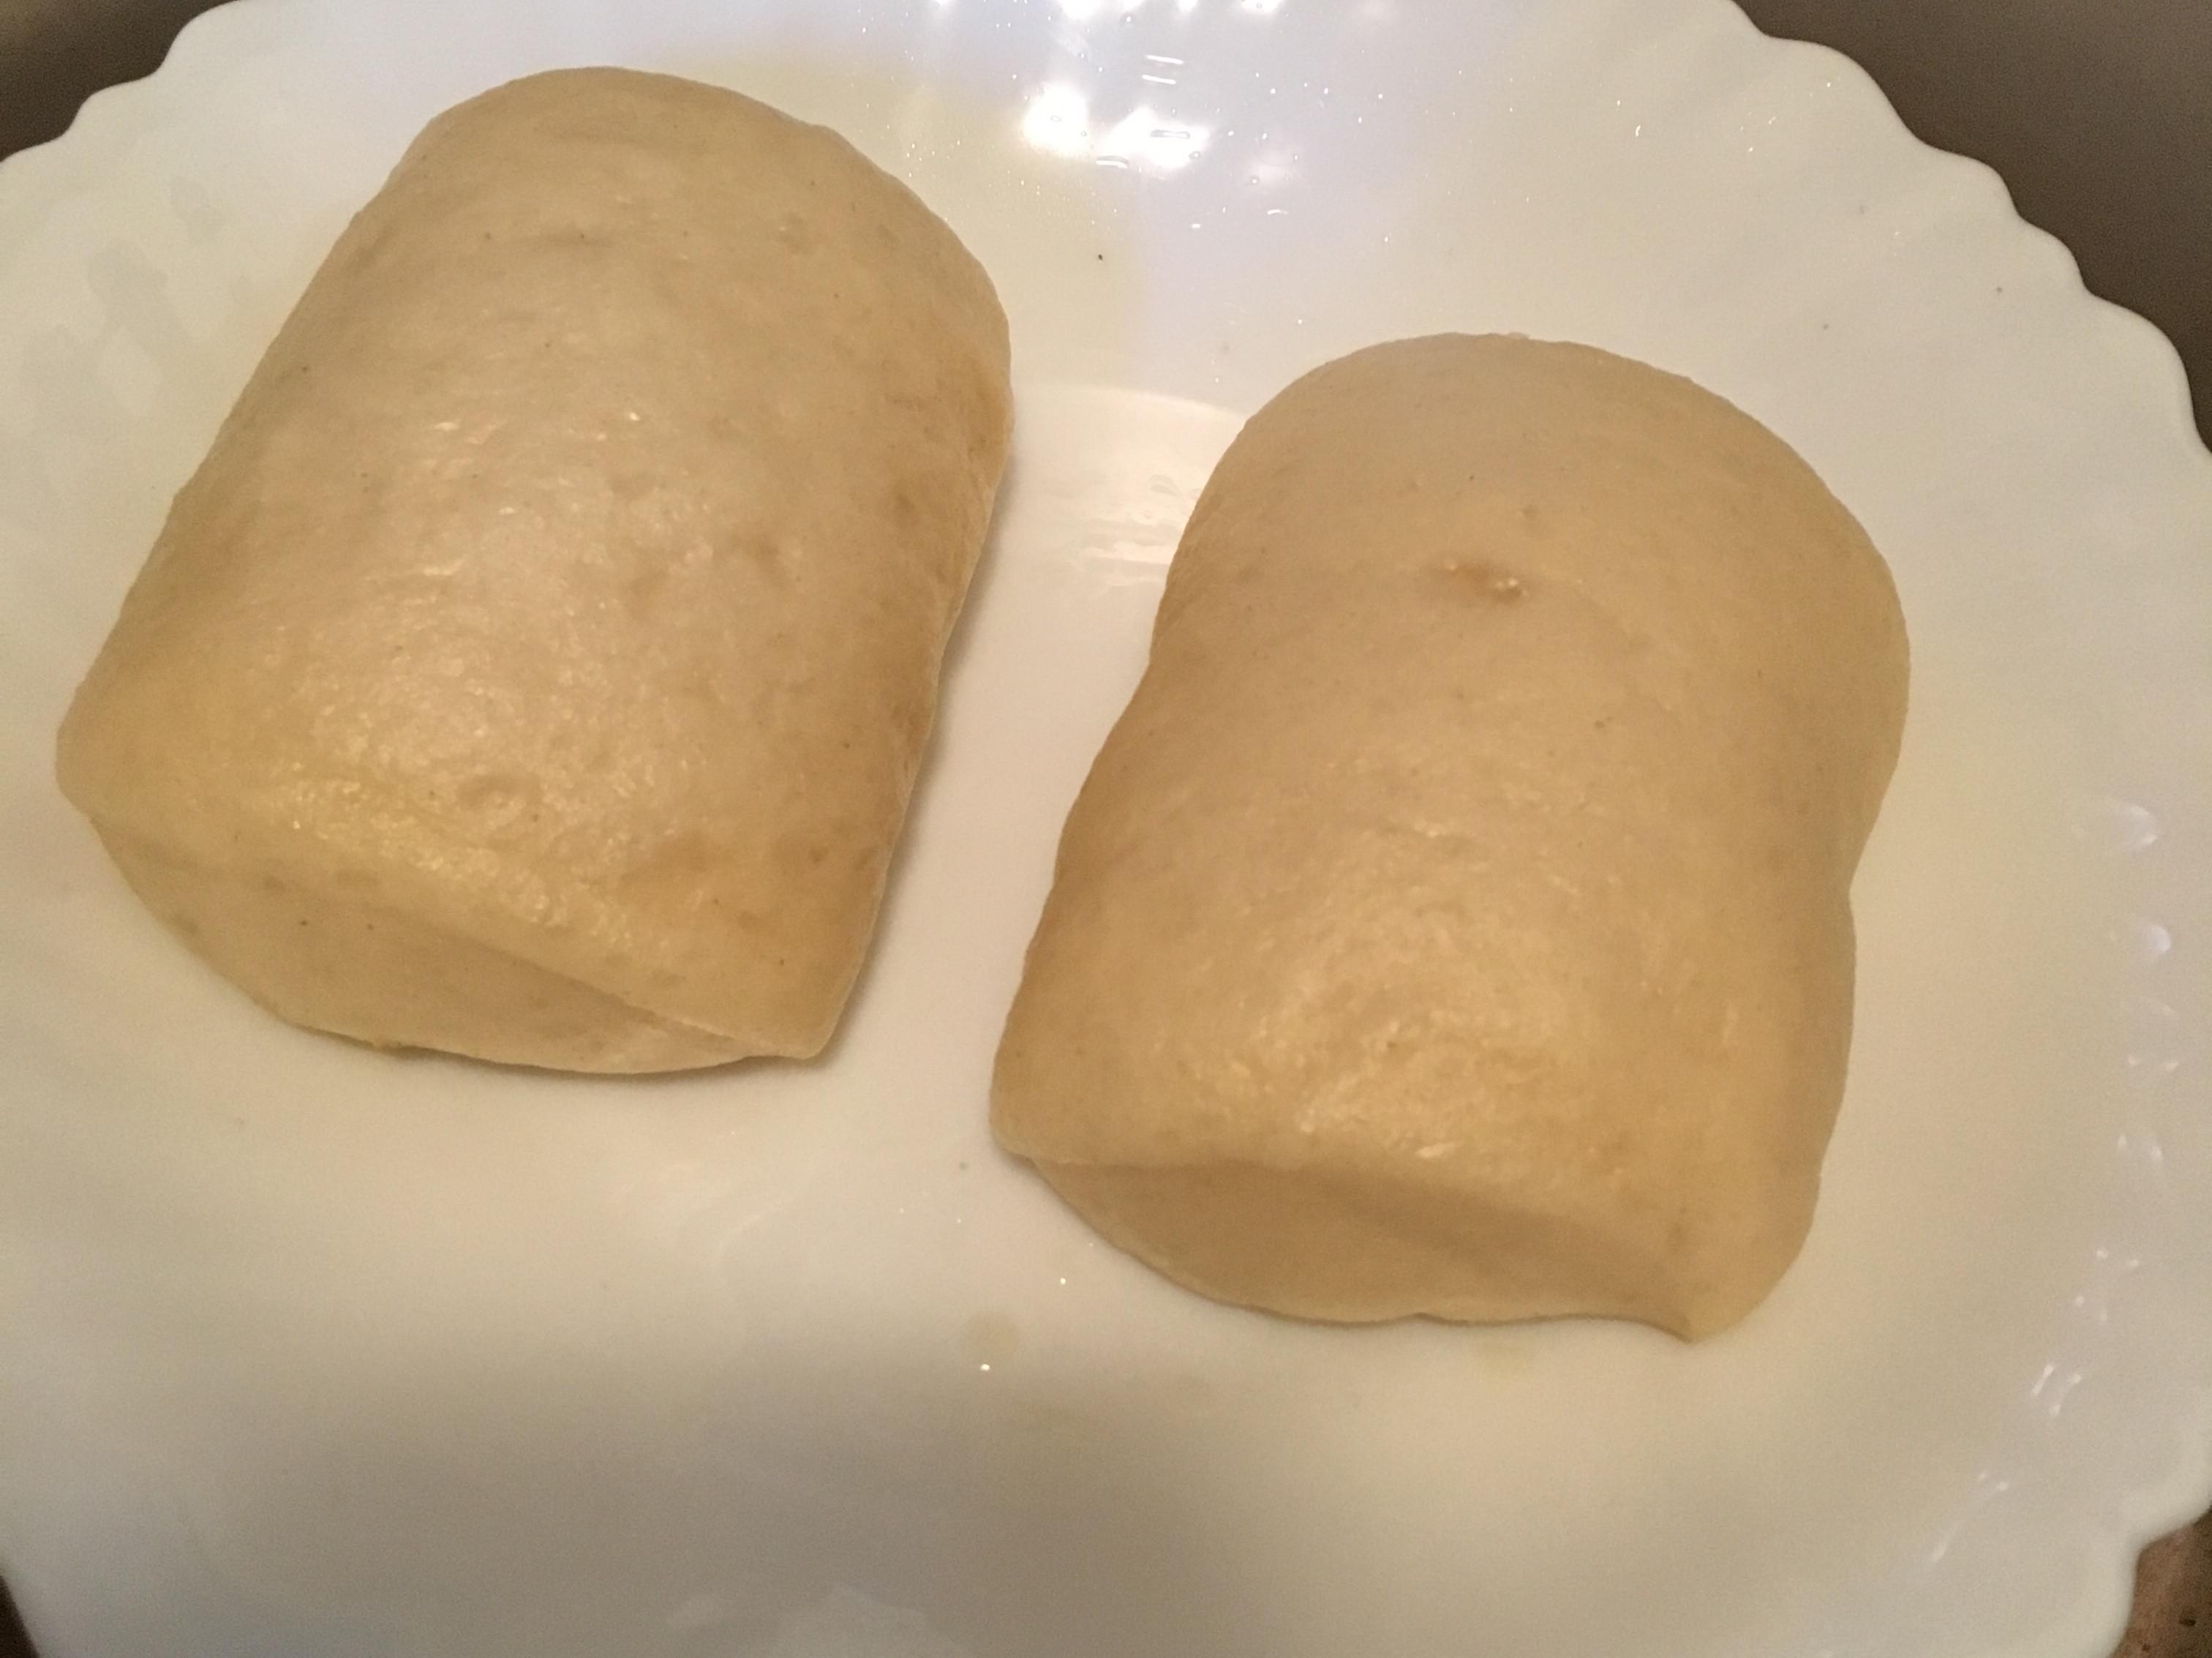 牛奶饅頭(從揉麵團到用電鍋蒸)